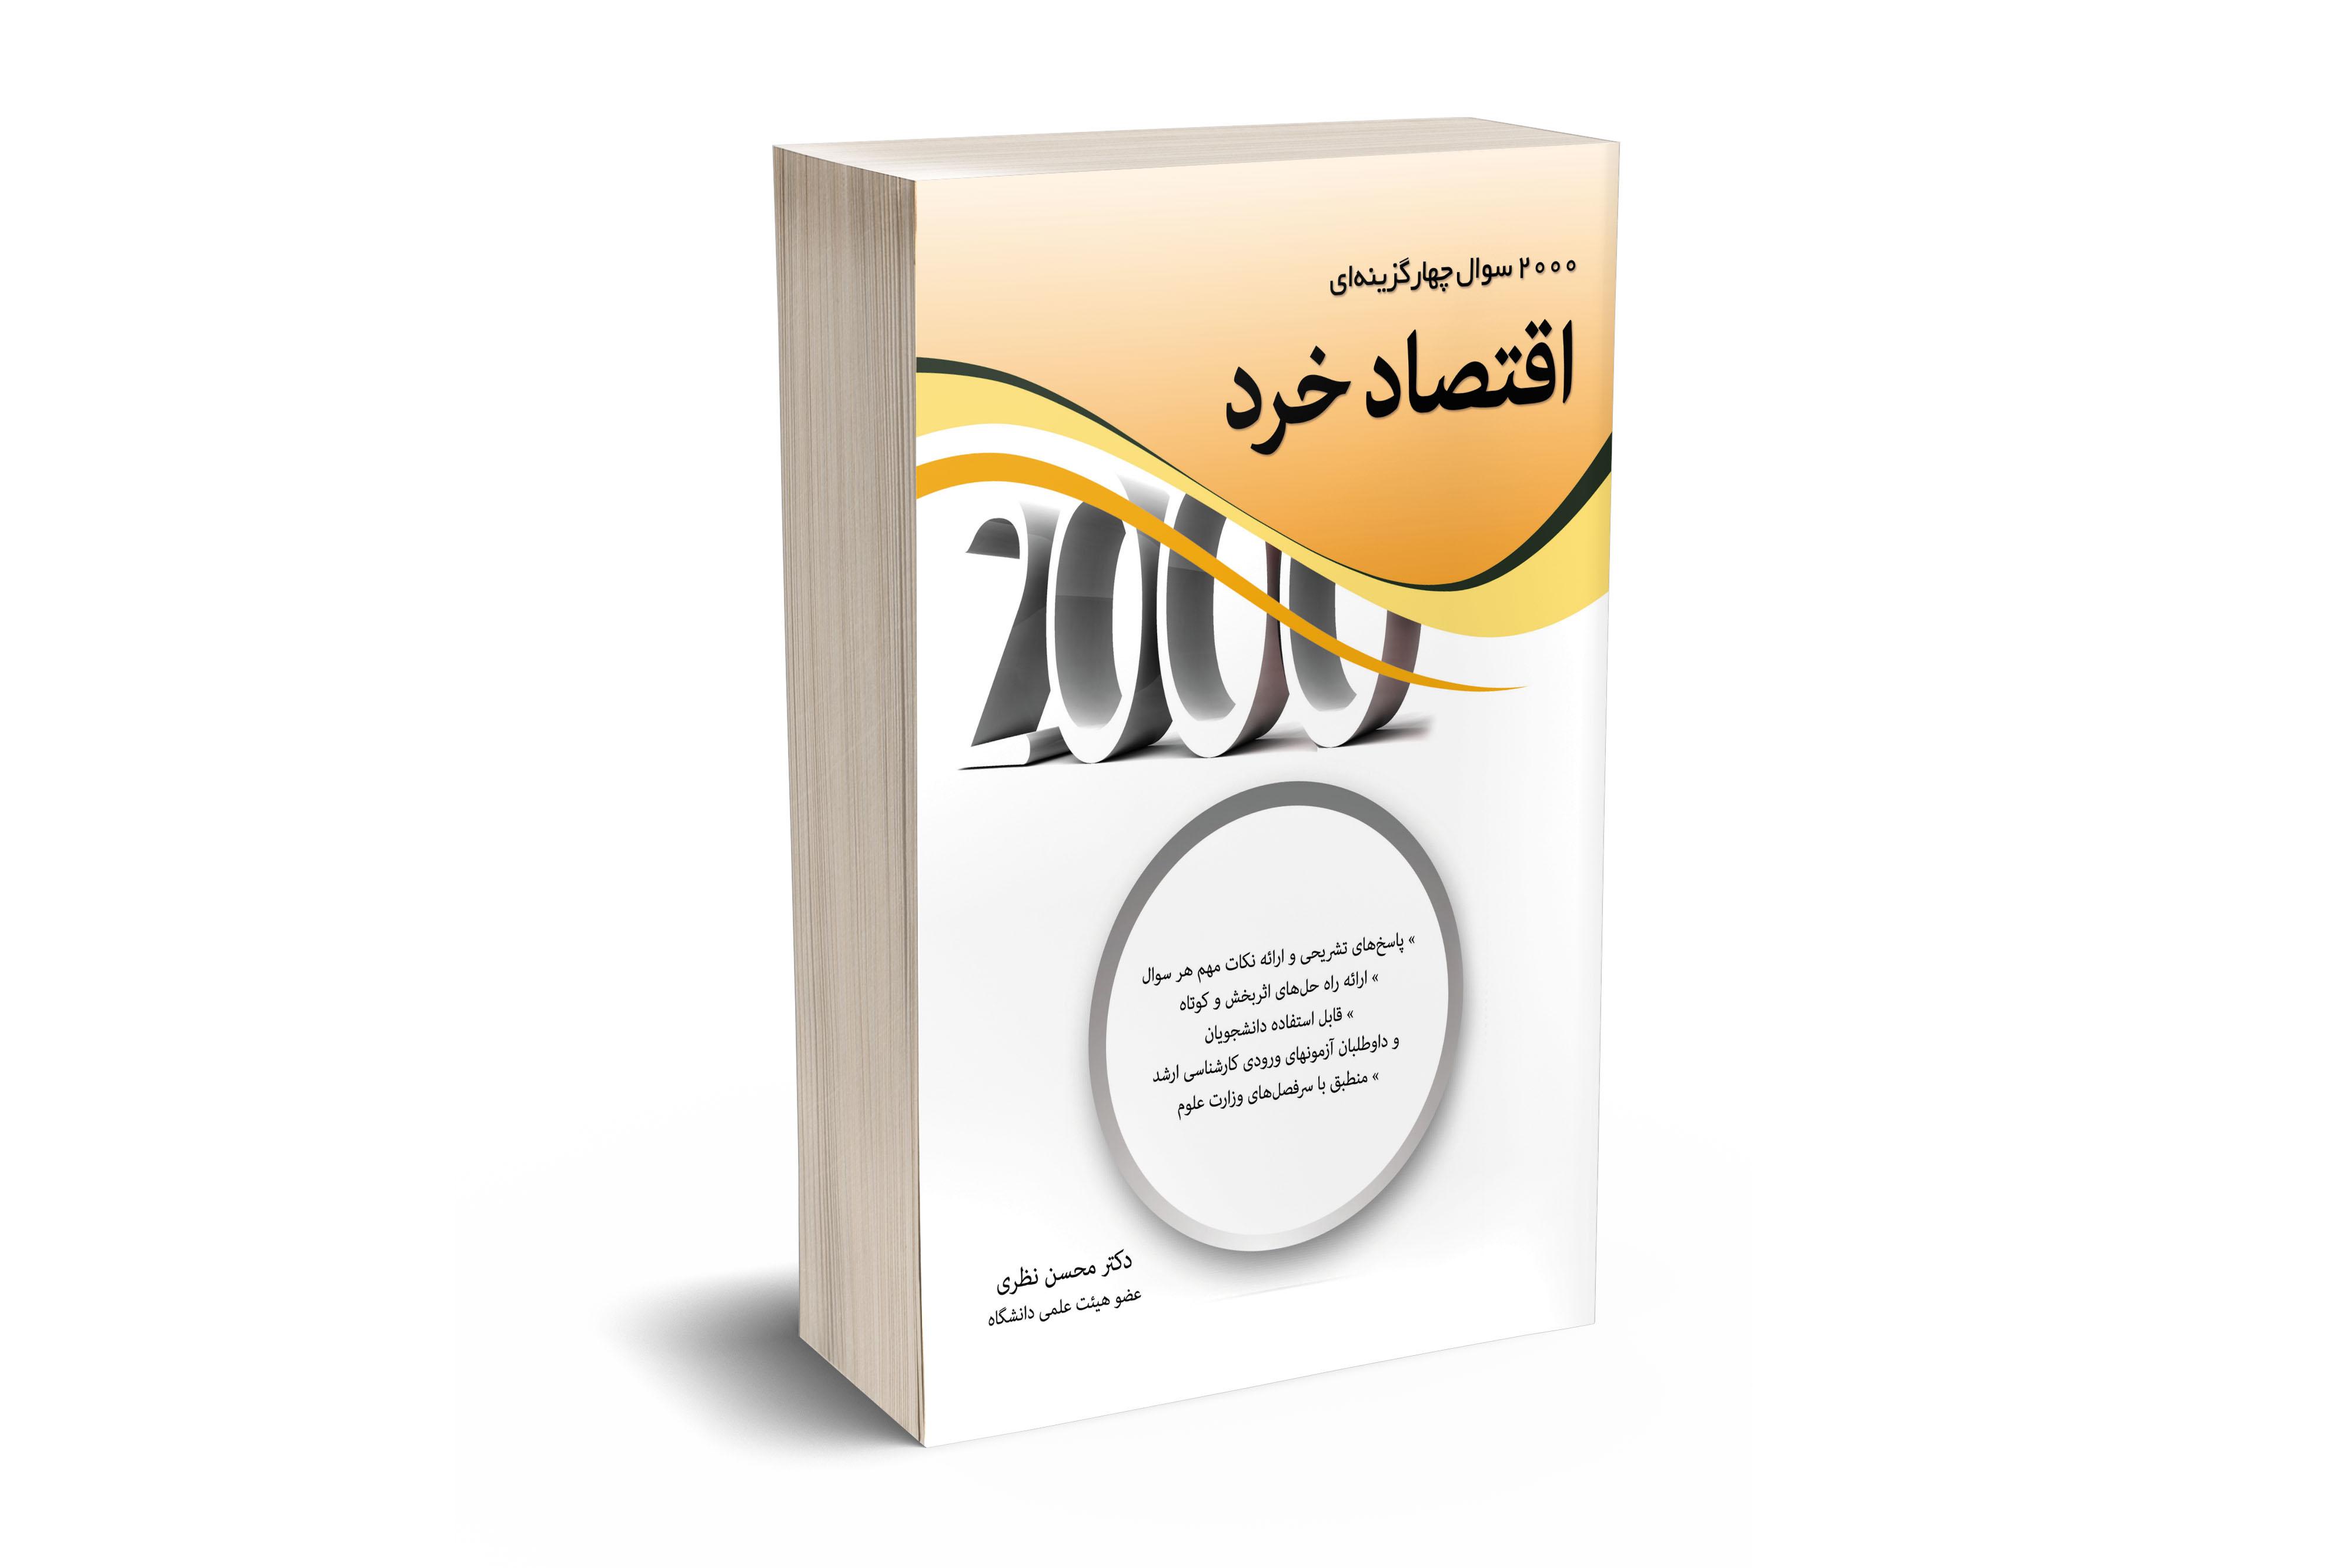 2000 سوال چهارگزینه ای اقتصاد خرد